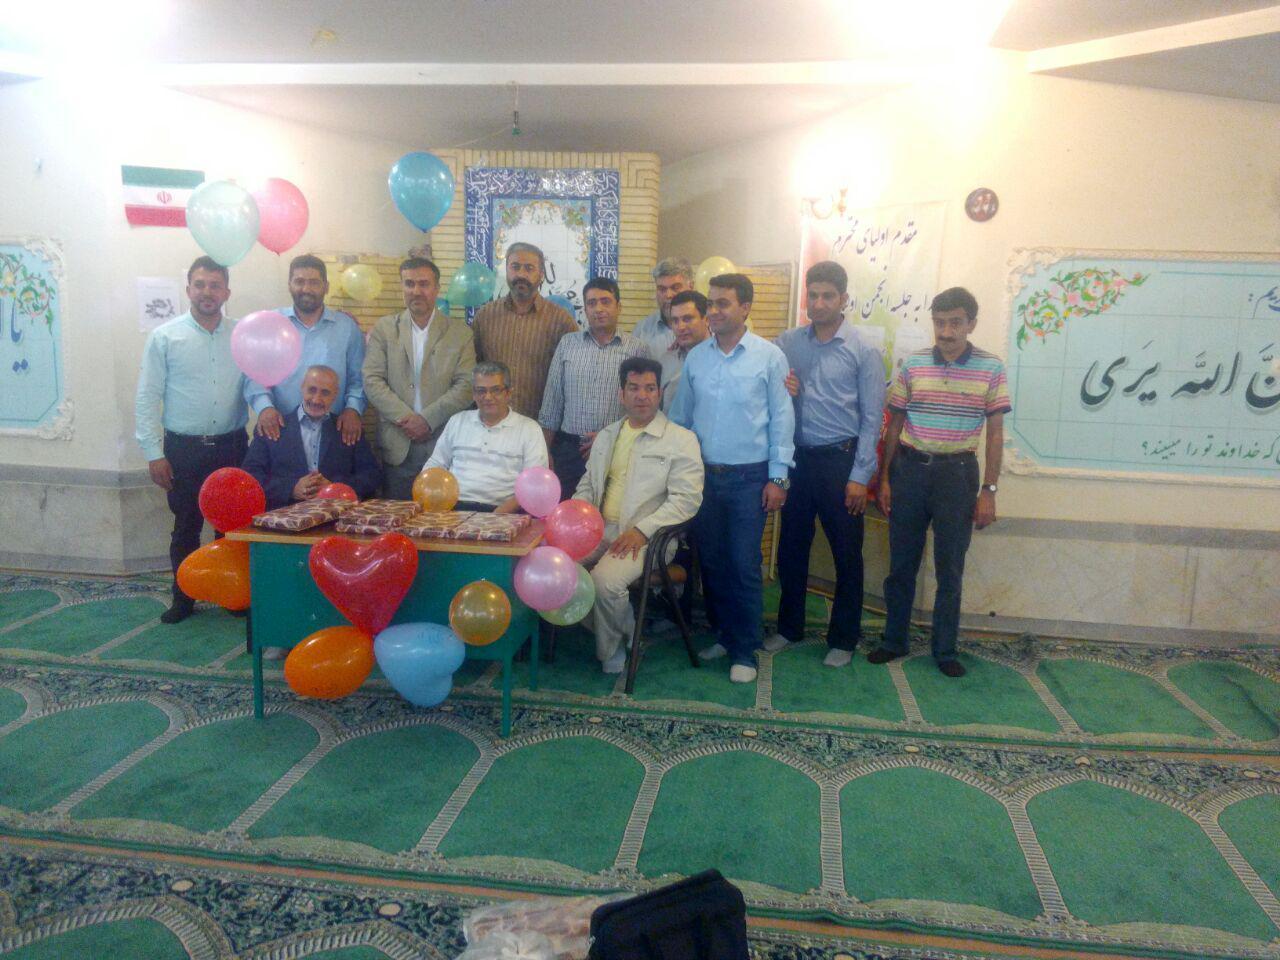 مراسم گرامیداشت مقام معلم در دبیرستان شهدای صنف گردبافان برگزار شد.